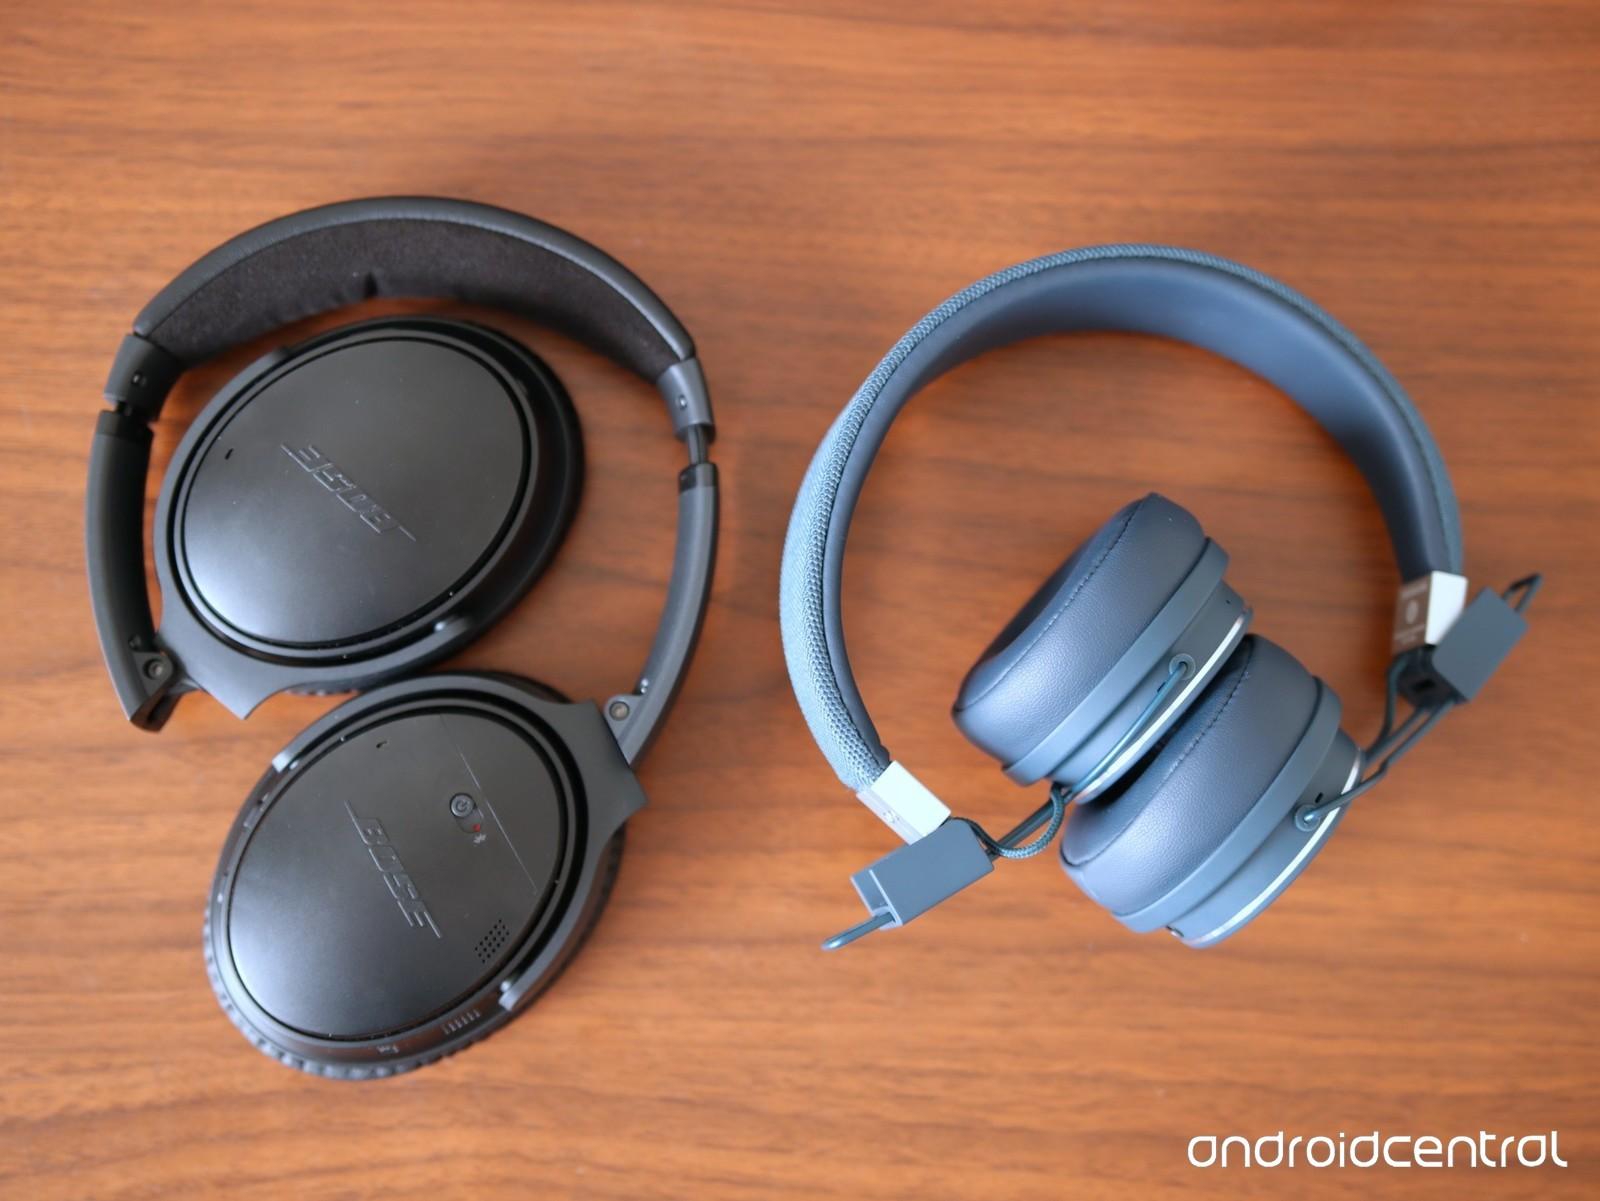 Đúng là Bluetooth khá tệ nhưng nó lại đủ sức để thay thế cổng tai nghe 3,5mm